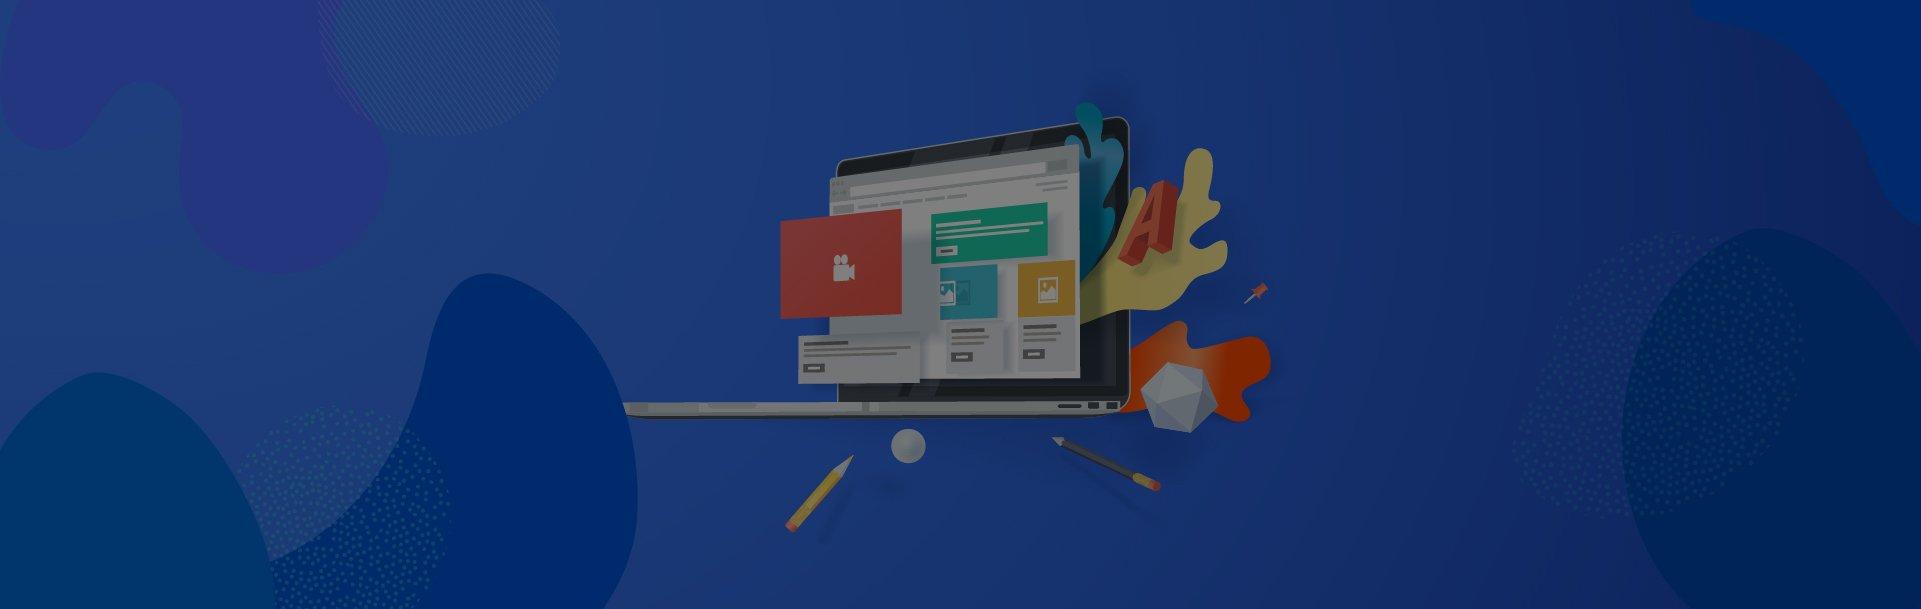 Blog-solucion-piensa-en-el-consumidor-caracteristicas-que-debe-tener-tu-Pagina-Web-01-01-02